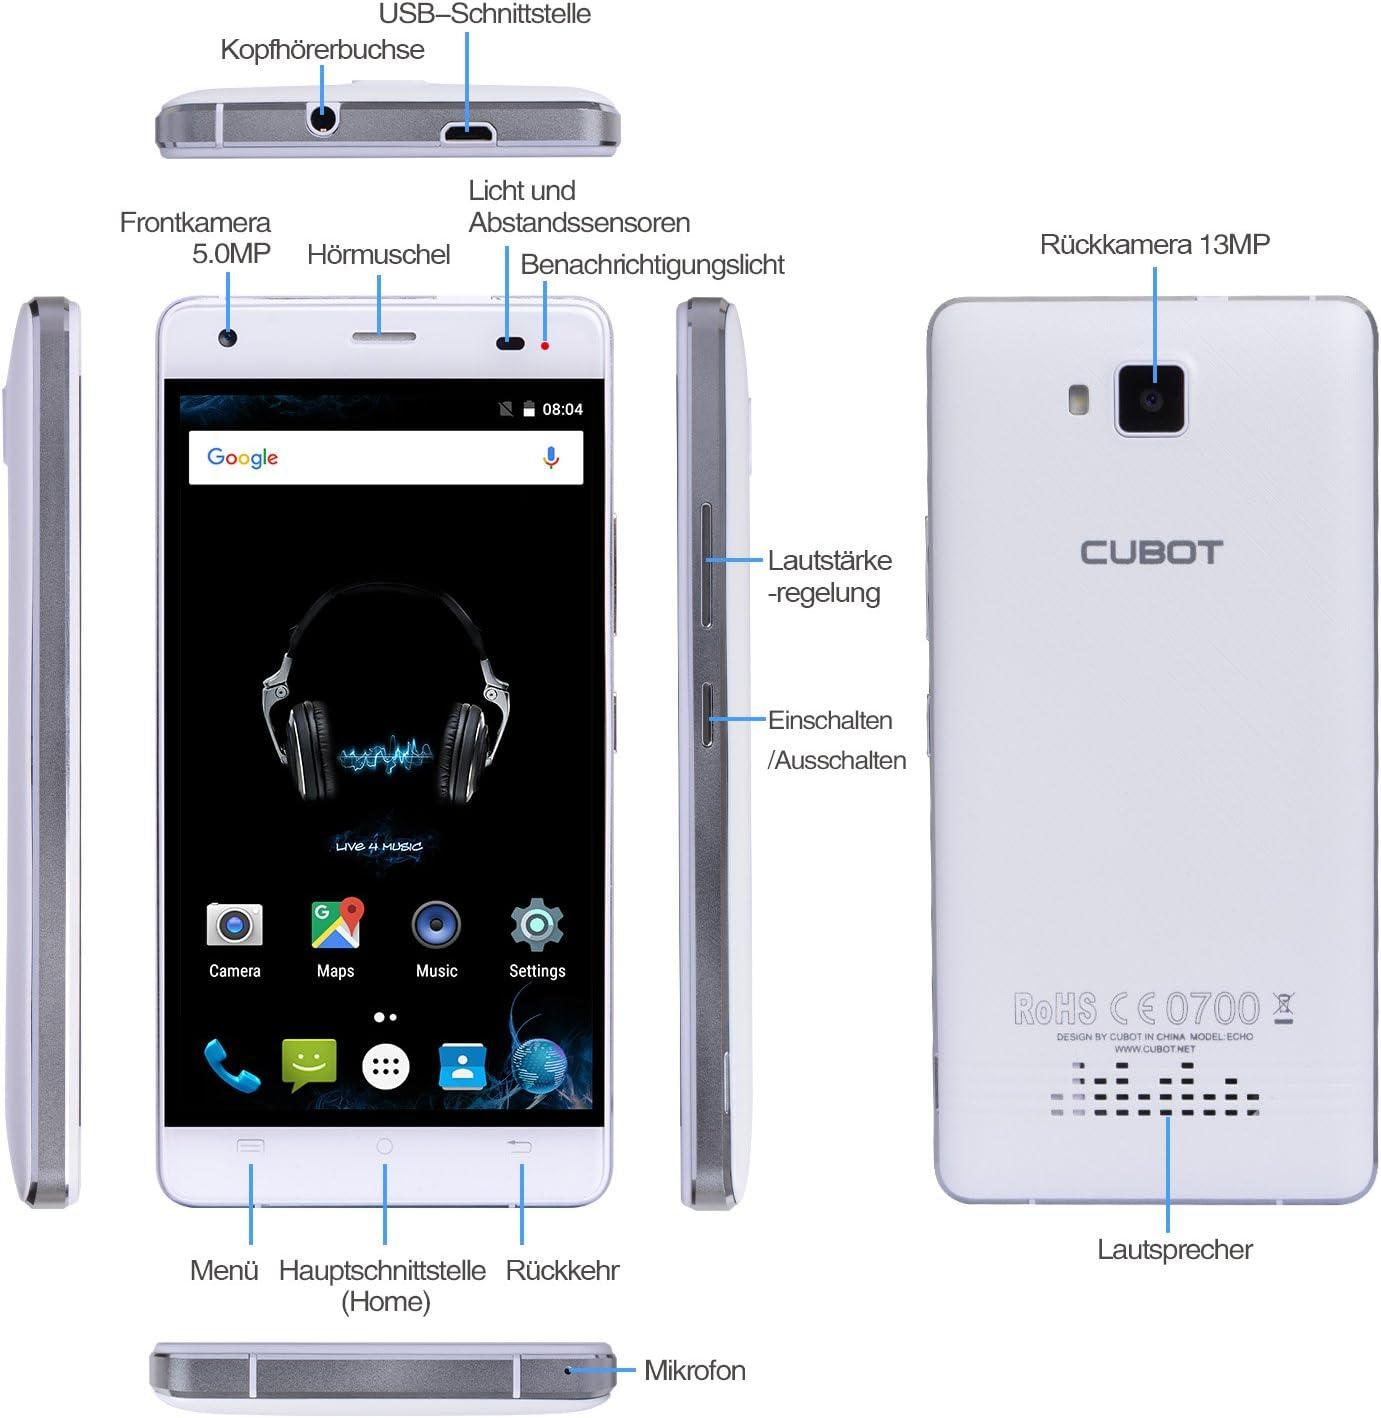 Cubot Echo 3 G Smartphone sin Contrato Teléfono Móvil, 5.0 pulgadas HD IPS pantalla táctil con batería de 3000 mAh, Android 6.0, 2 GB RAM + 16 GB ROM, procesador Quad-Core, Dual